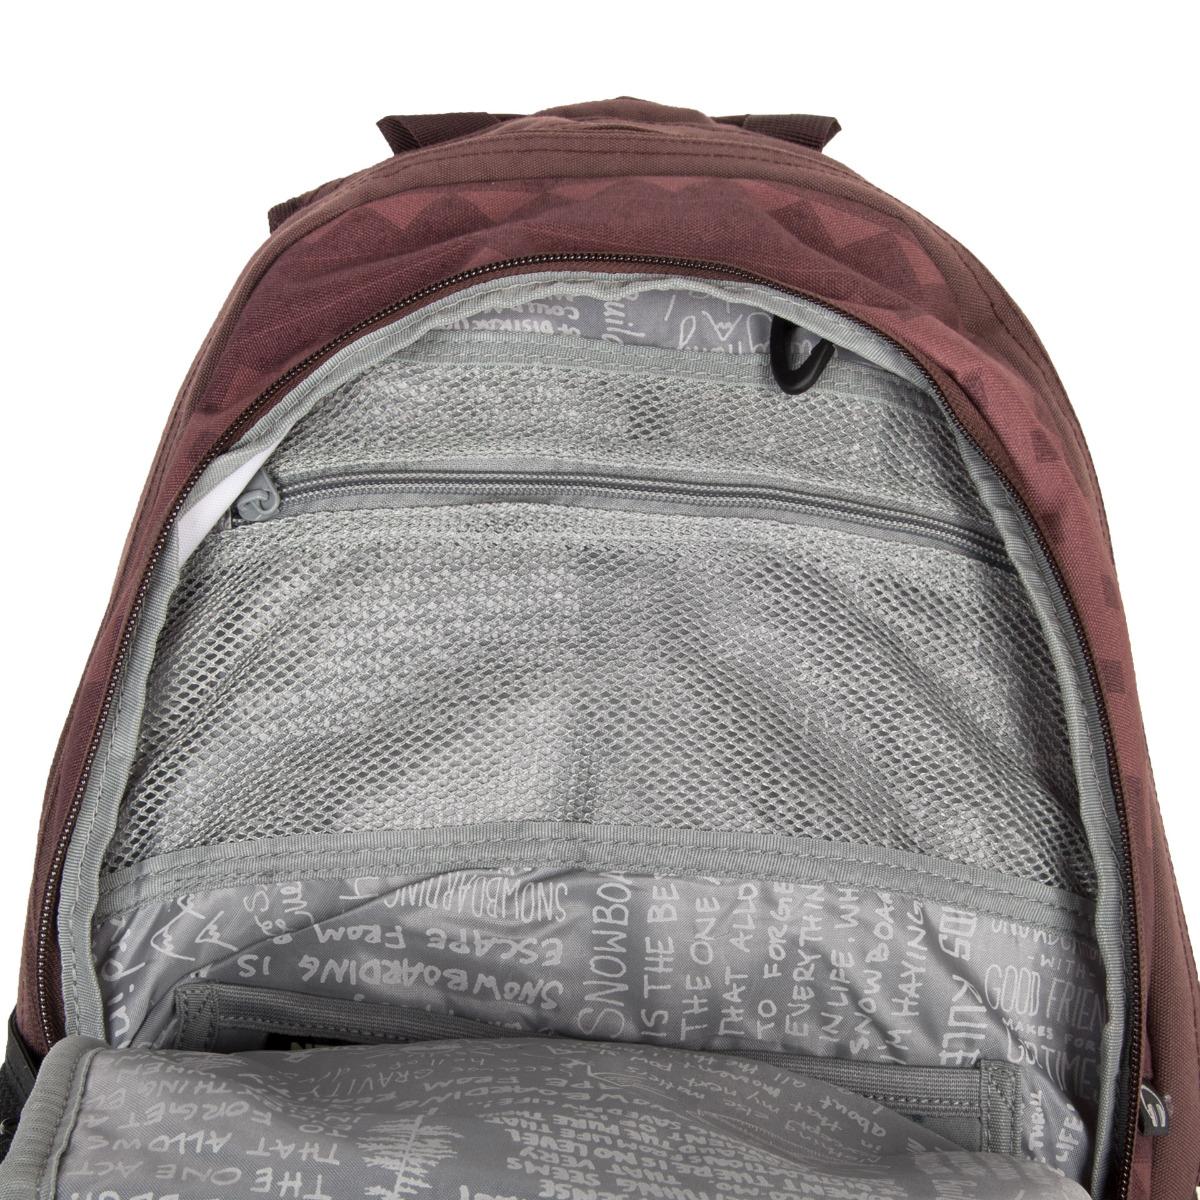 """Nitro Stash Northern patch Pokiaľ trávite v škole alebo v práci väčšinu dňa a potrebujete mať so sebou naozaj veľa vecí, je batoh Nitro Stash vhodným kandidátom na vašu novú batožinu.  - vypchaté vrecko na notebook veľkosti 15"""" - jemne vypchaté vrecko na okuliare a iné podobne krehké veci - priechodka na slúchadlá - vnútri batoha prehľadný organizér - predné termoizolačné vrecko na olovrant alebo pitie - postranná sieťka na fľašu - postranné vrecúško na zips"""